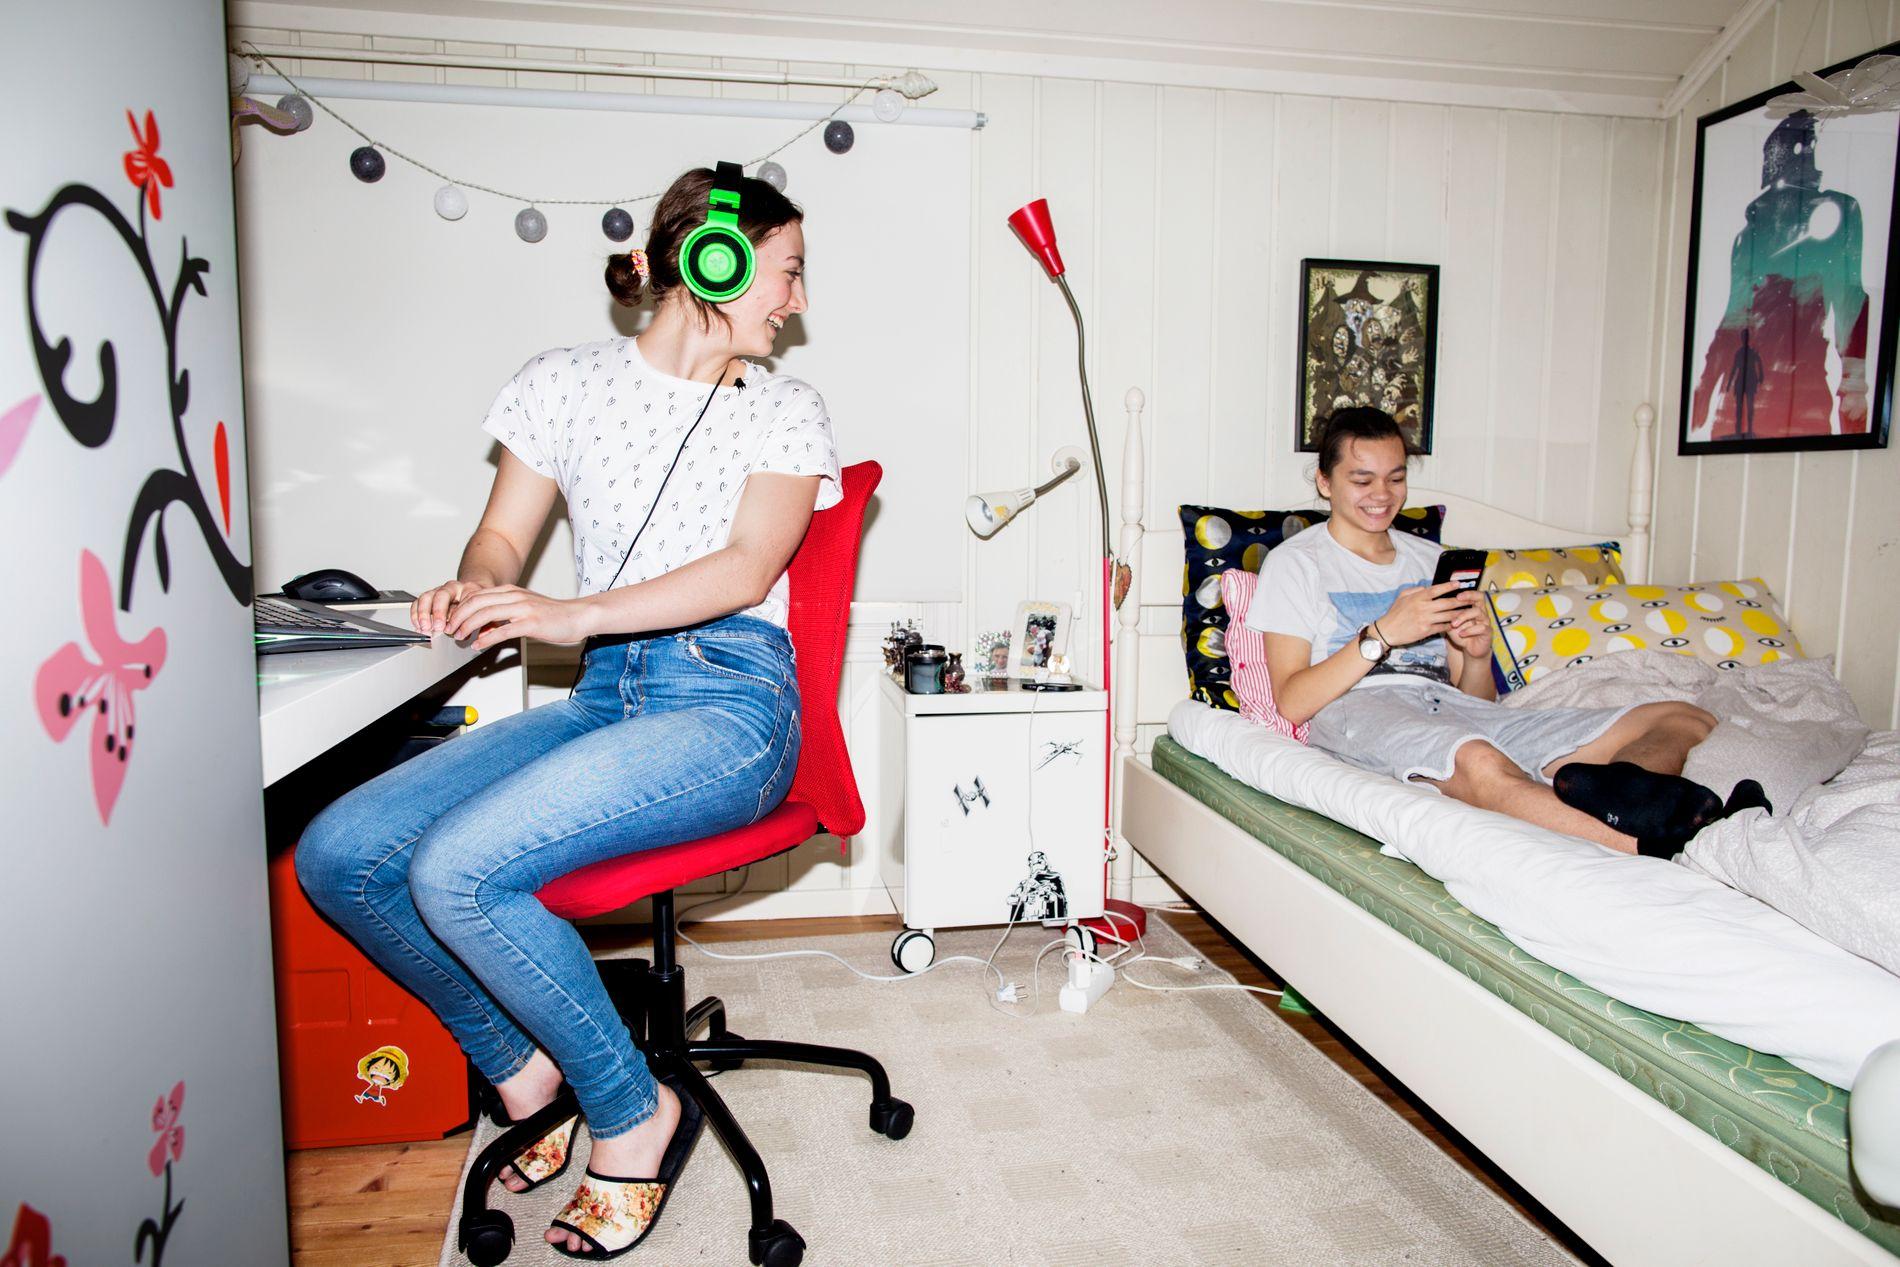 ETTER SKOLETID: Emilie (17) og kjæresten Elias (18) sitter mye på rommet og spiller og gjør lekser.